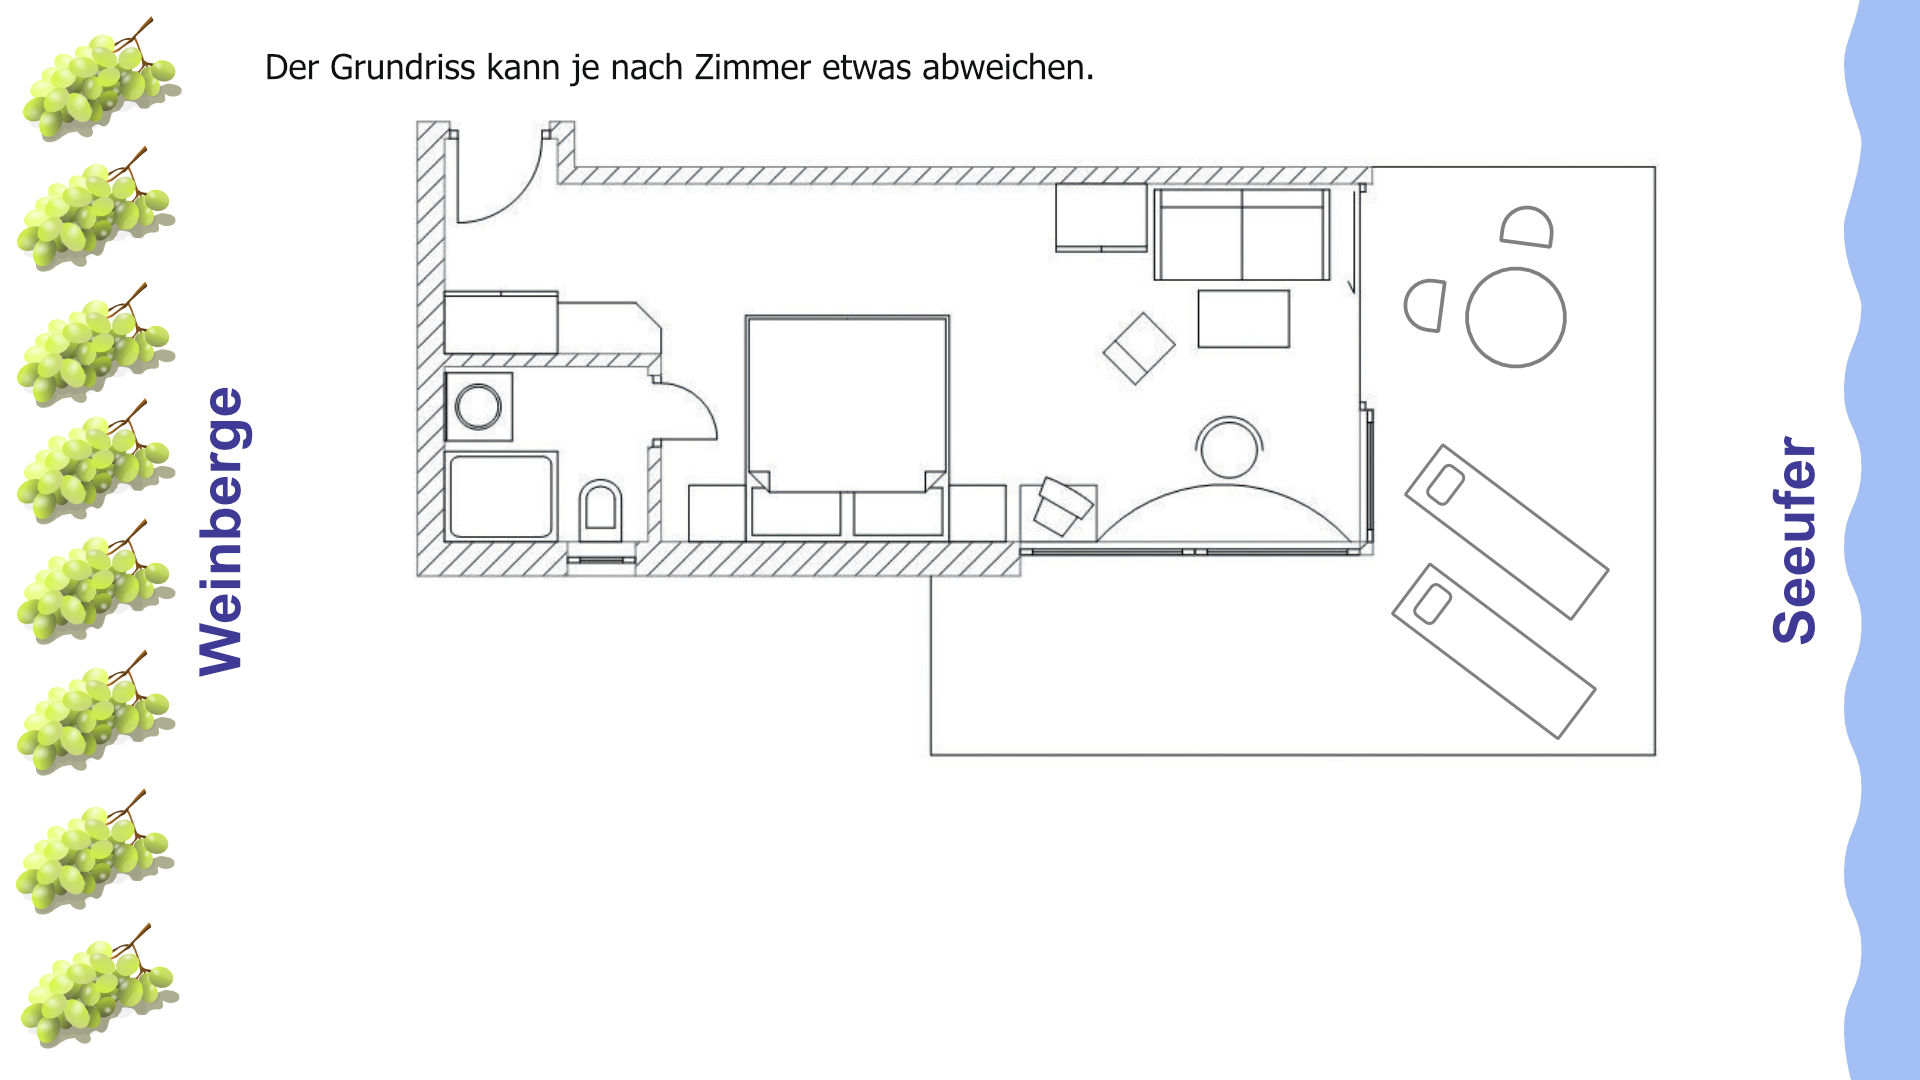 Grundriss Doppelzimmer mit Wohnbereich, Balkon und direktem Seeblick